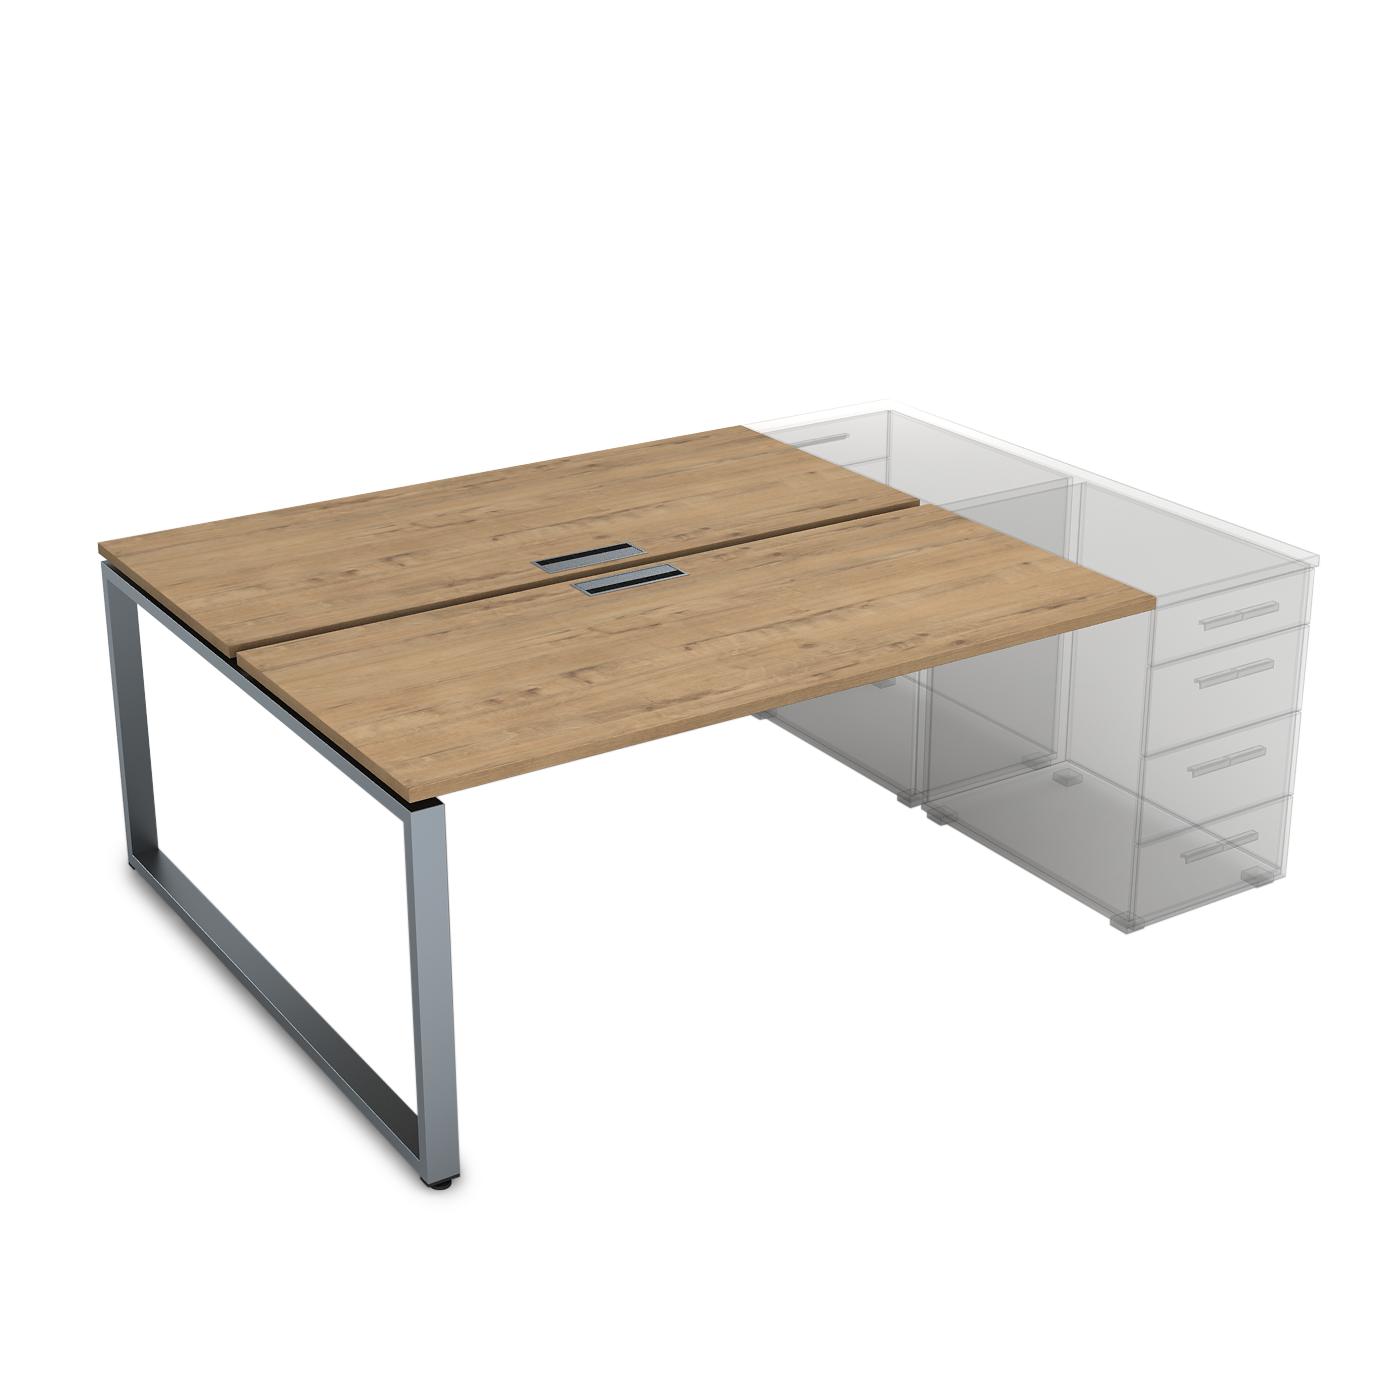 Стол приставной системы Бенч, сдвоенный, на 2 рабочих места 1200х1435х750